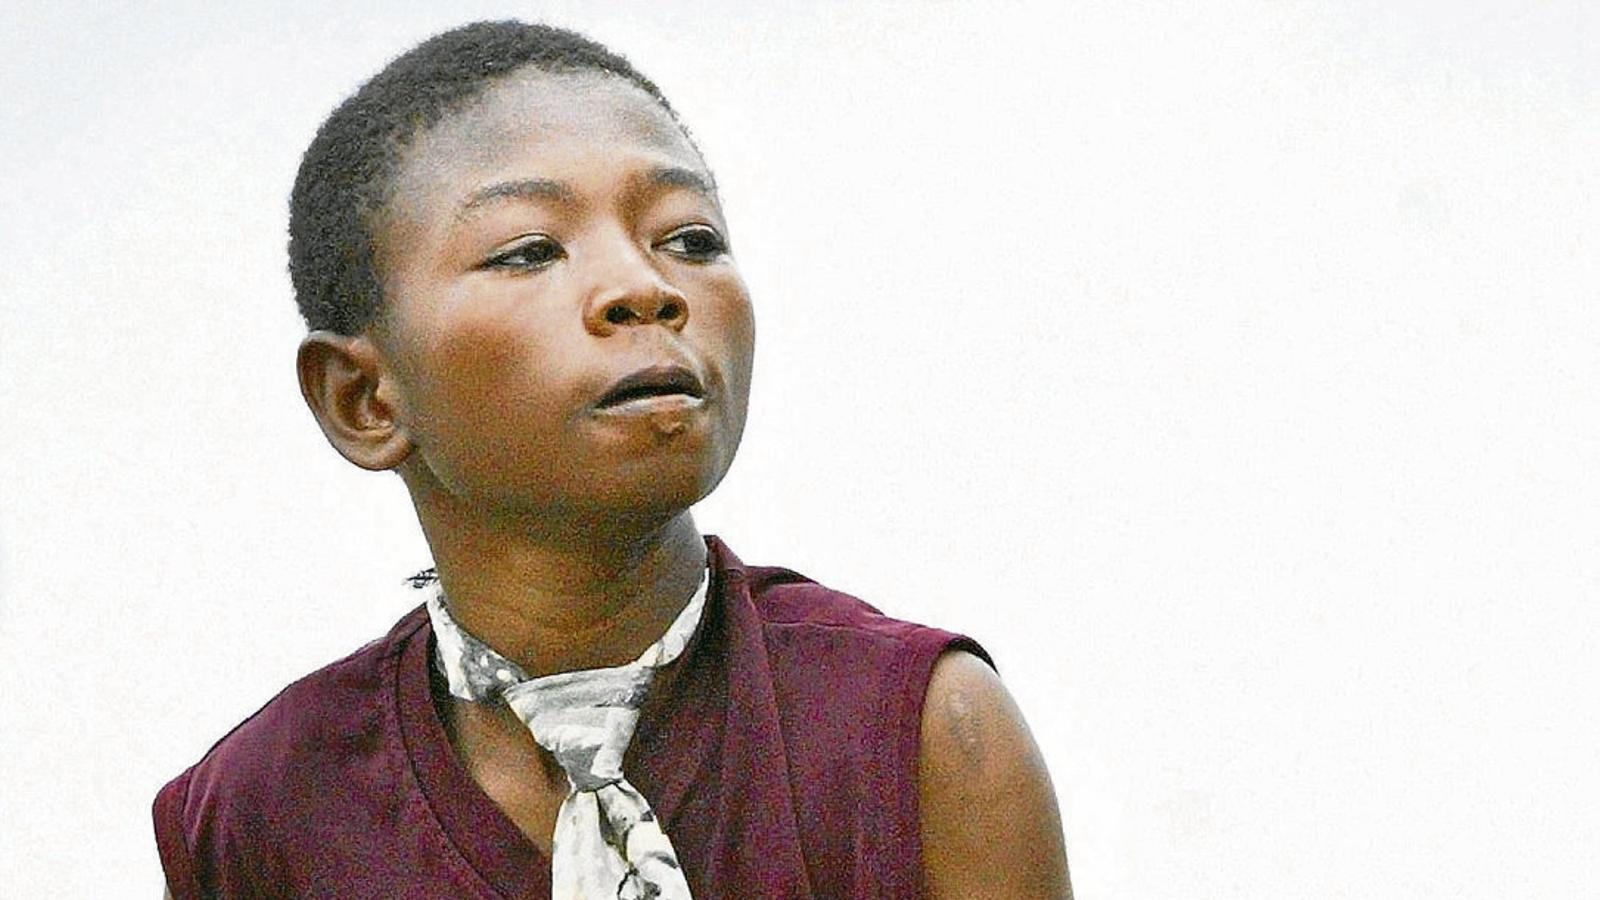 Un nen d'una milícia lleial al govern de Libèria sostenint un Kalàixnikov durant la guerra civil, el 2003.